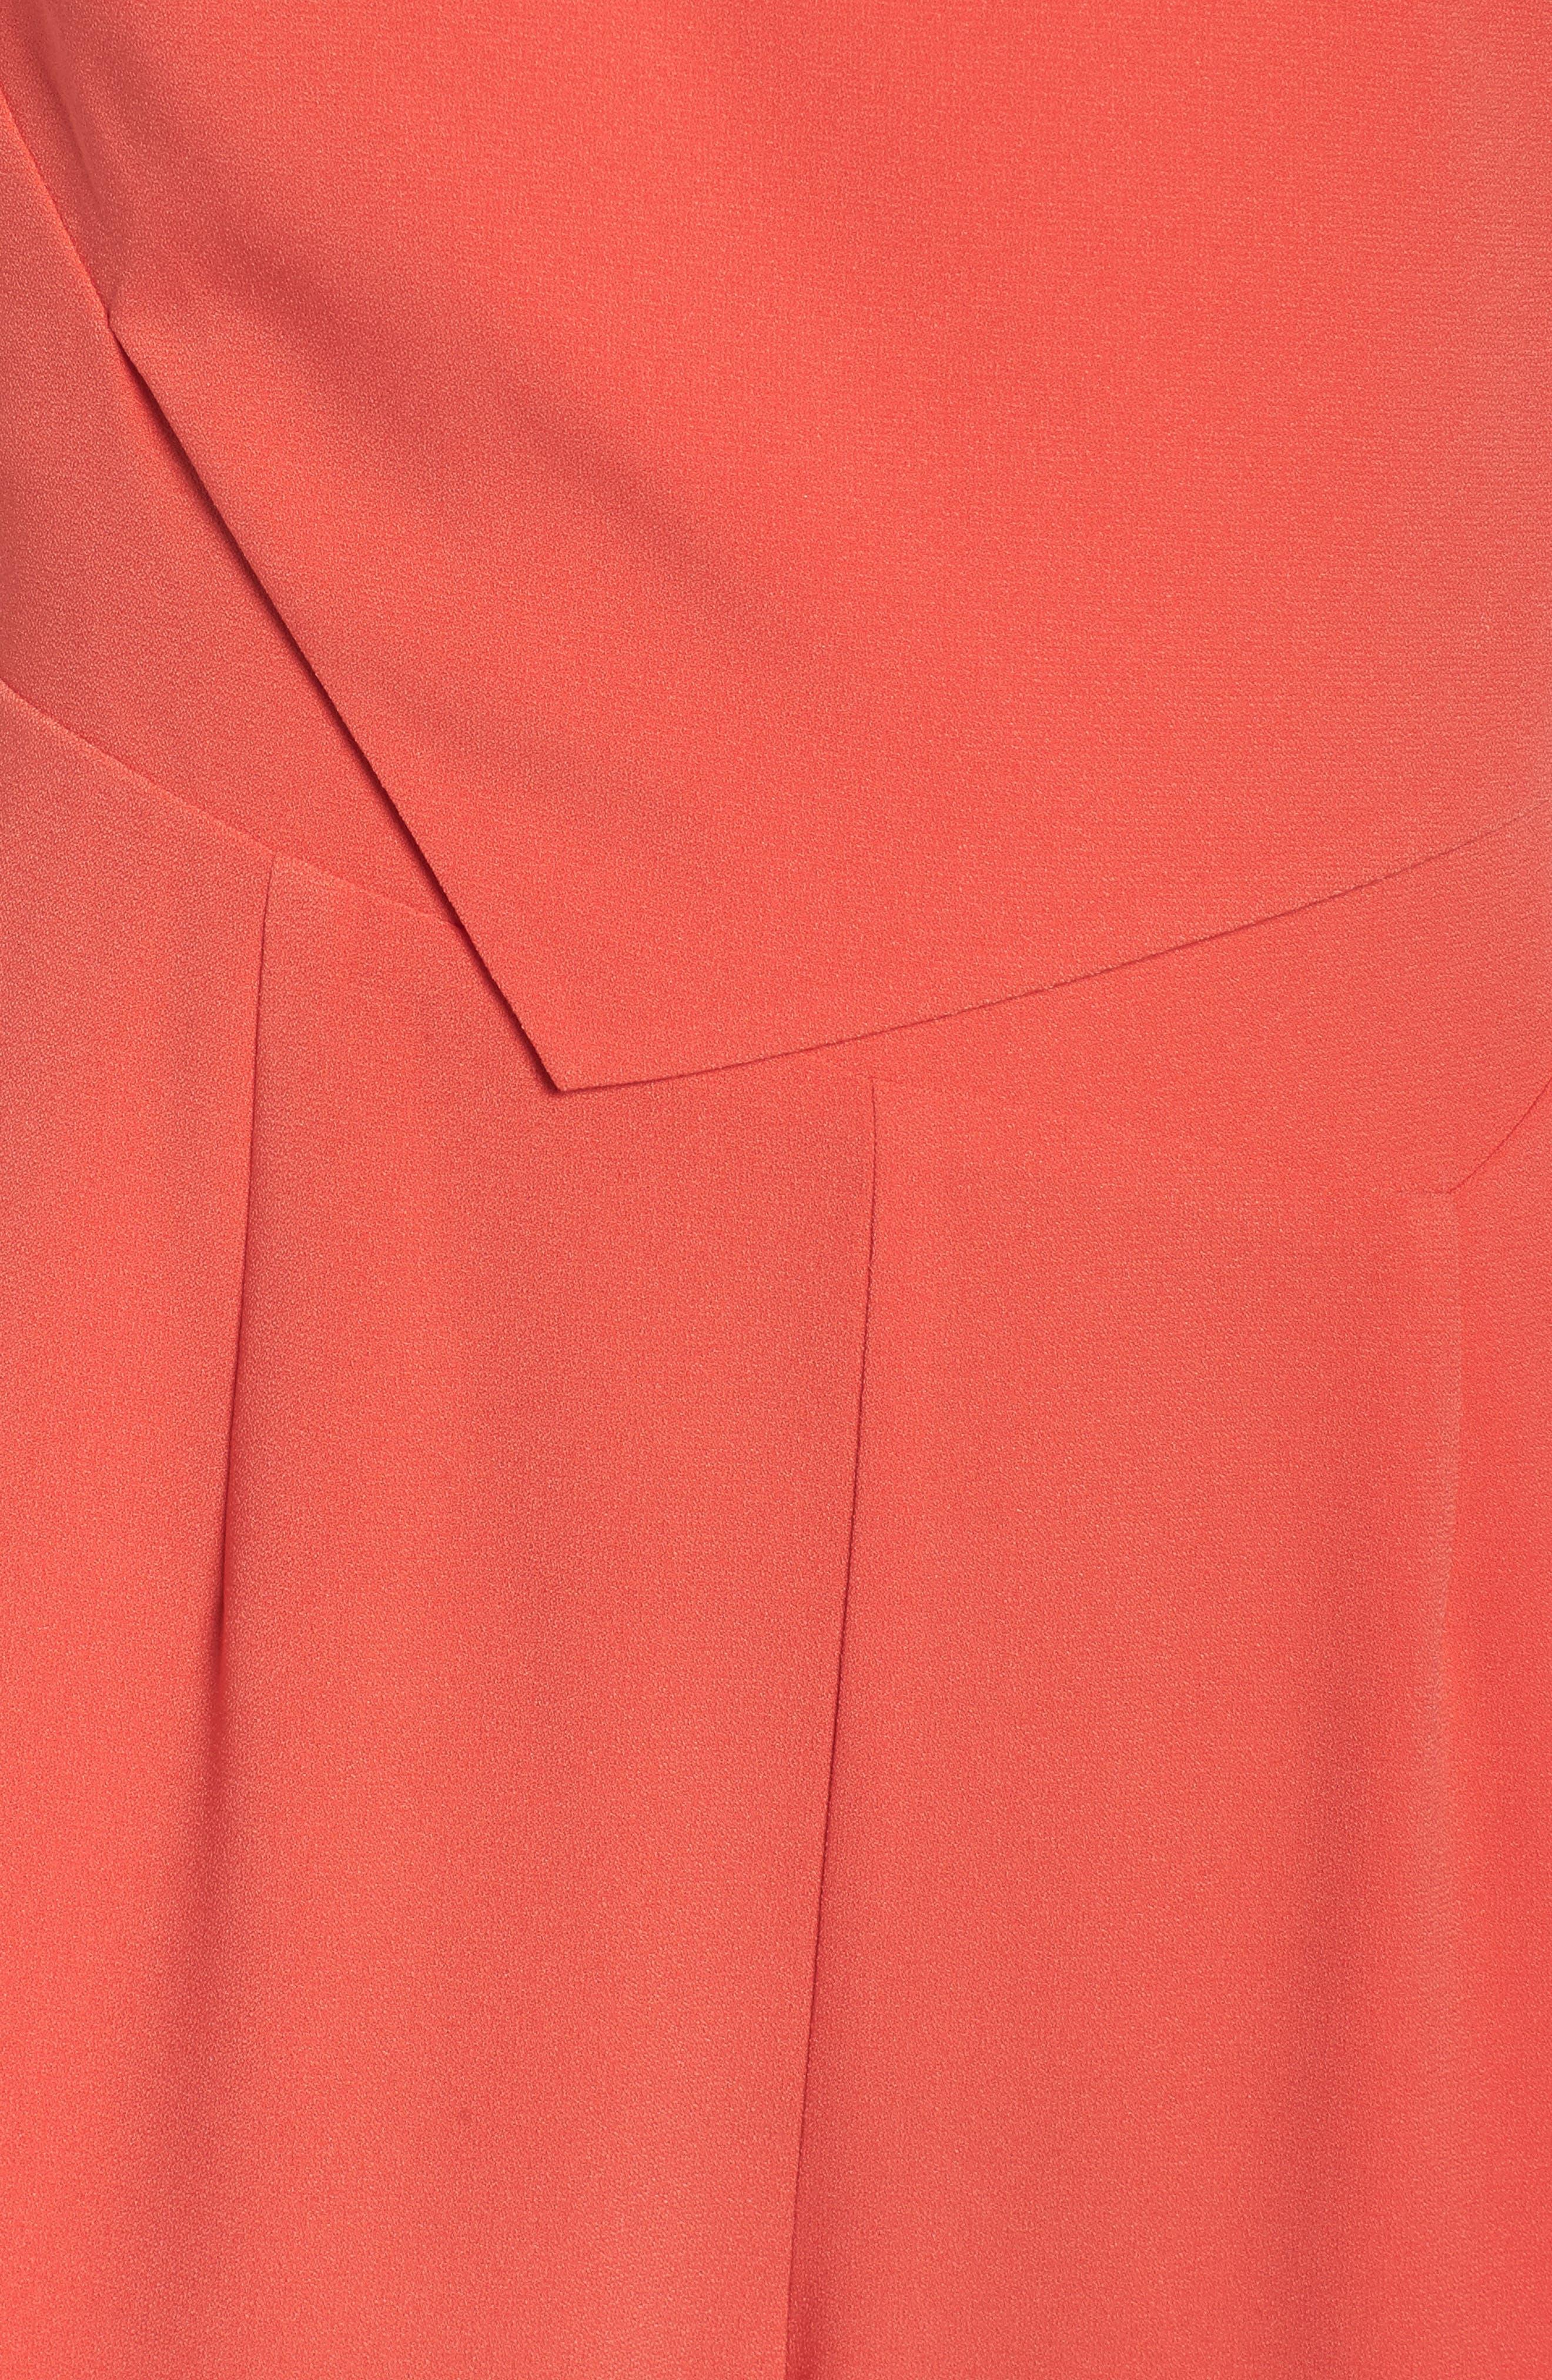 Asymmetrical Pleat Jumpsuit,                             Alternate thumbnail 10, color,